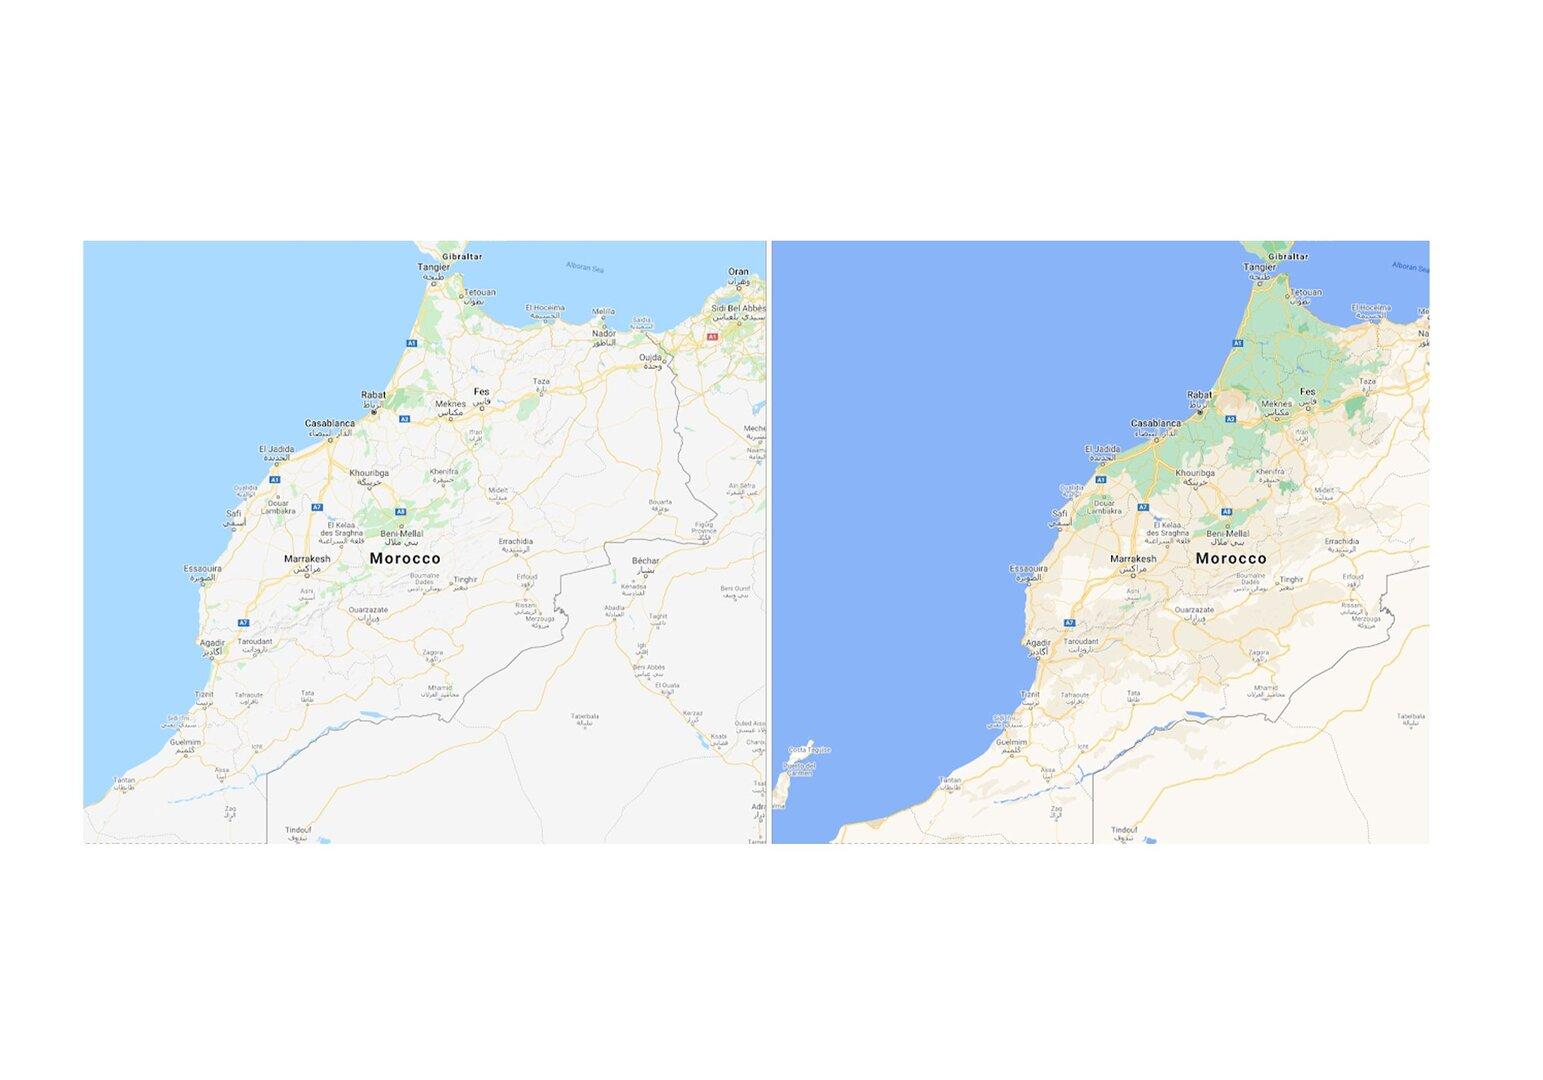 Neue Kartenansicht für Marokko